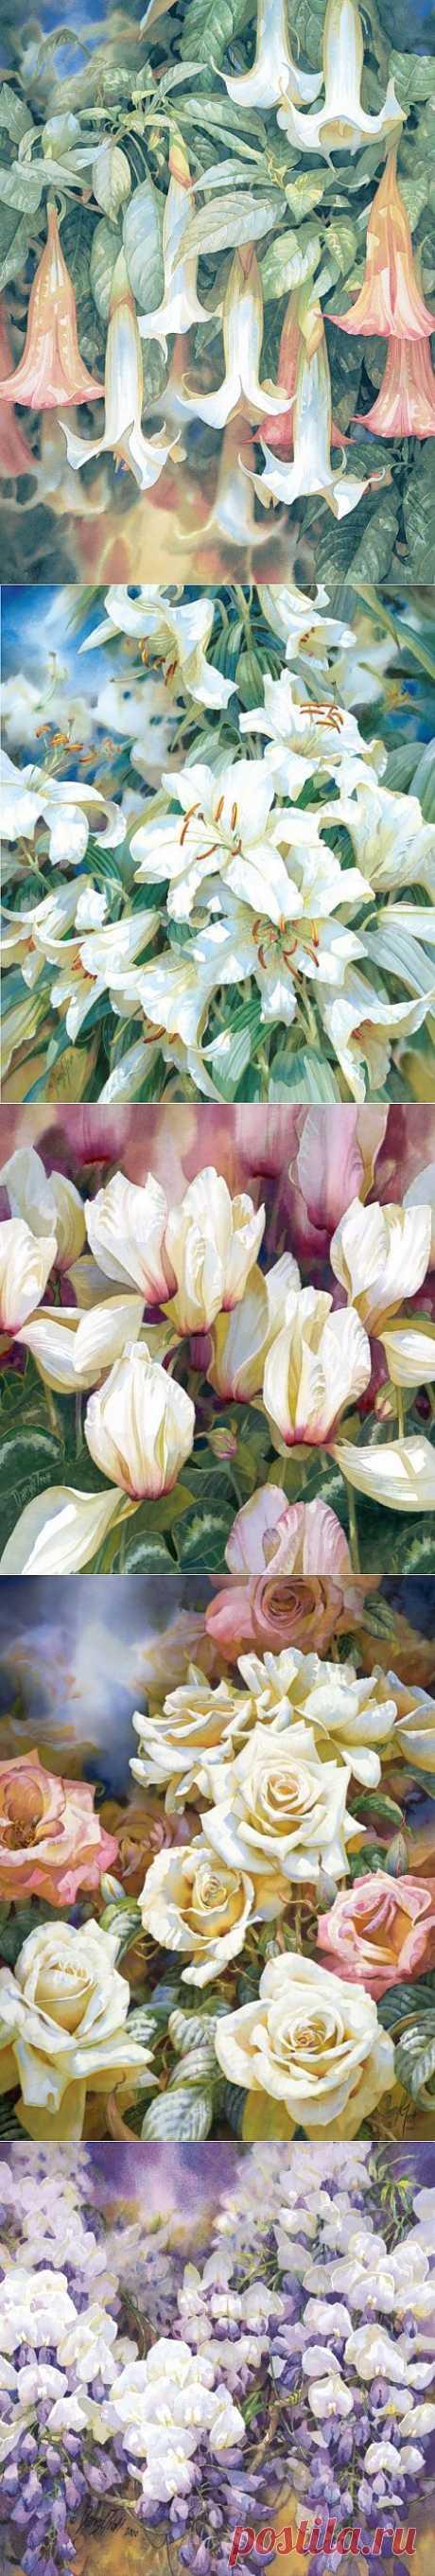 Яркая акварель от Darryl Trott  Многие зрители не могут поверить,  что яркие сочные цветы - это  результат акварельных красок, ведь  мы привыкли к тому, что акварельные  работы мягкие, нежные, размытые...